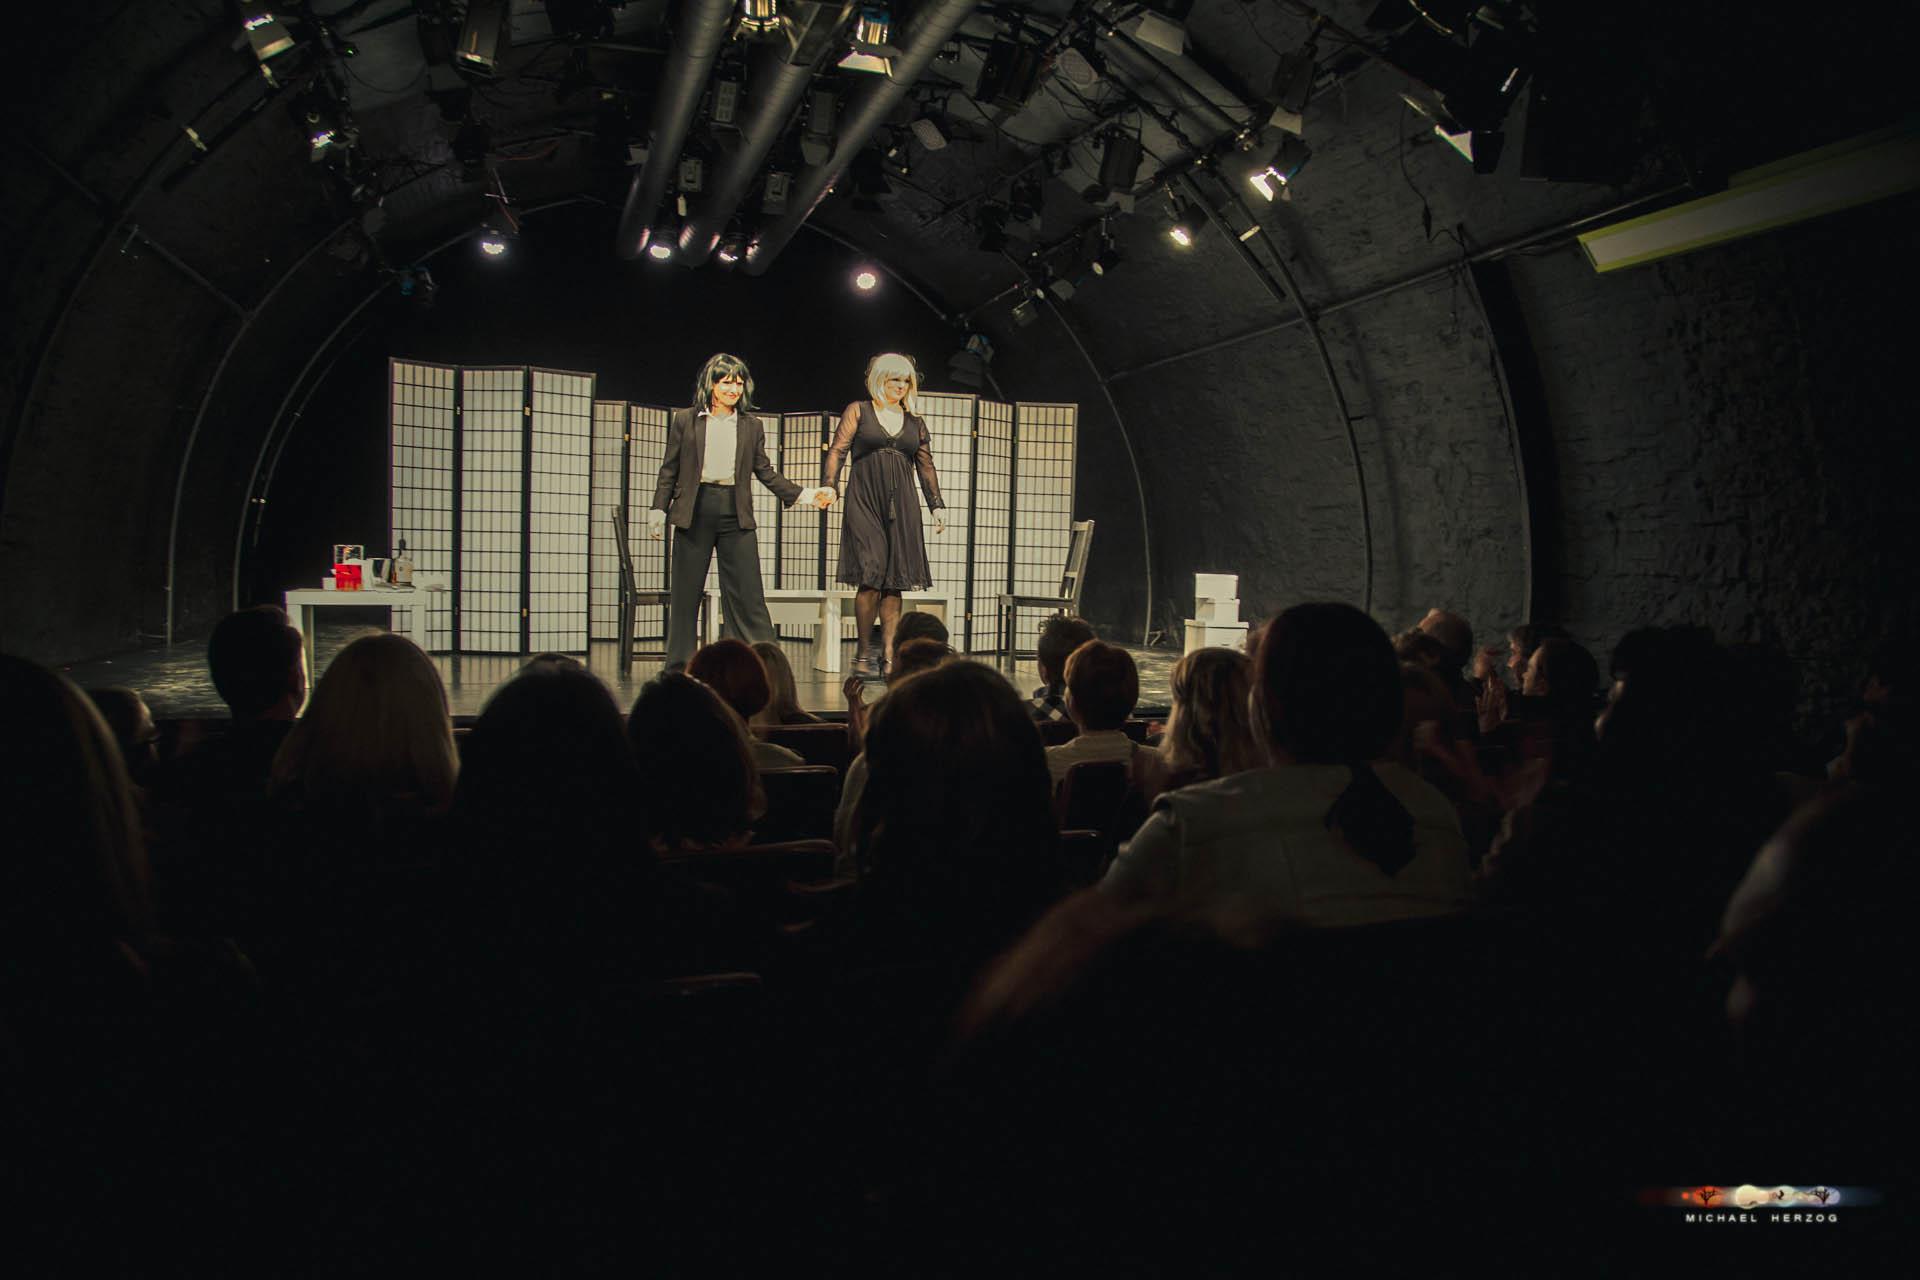 KleinesTheater_2Frauen1Leiche_April2018_MichaelHerzog-3845.jpg